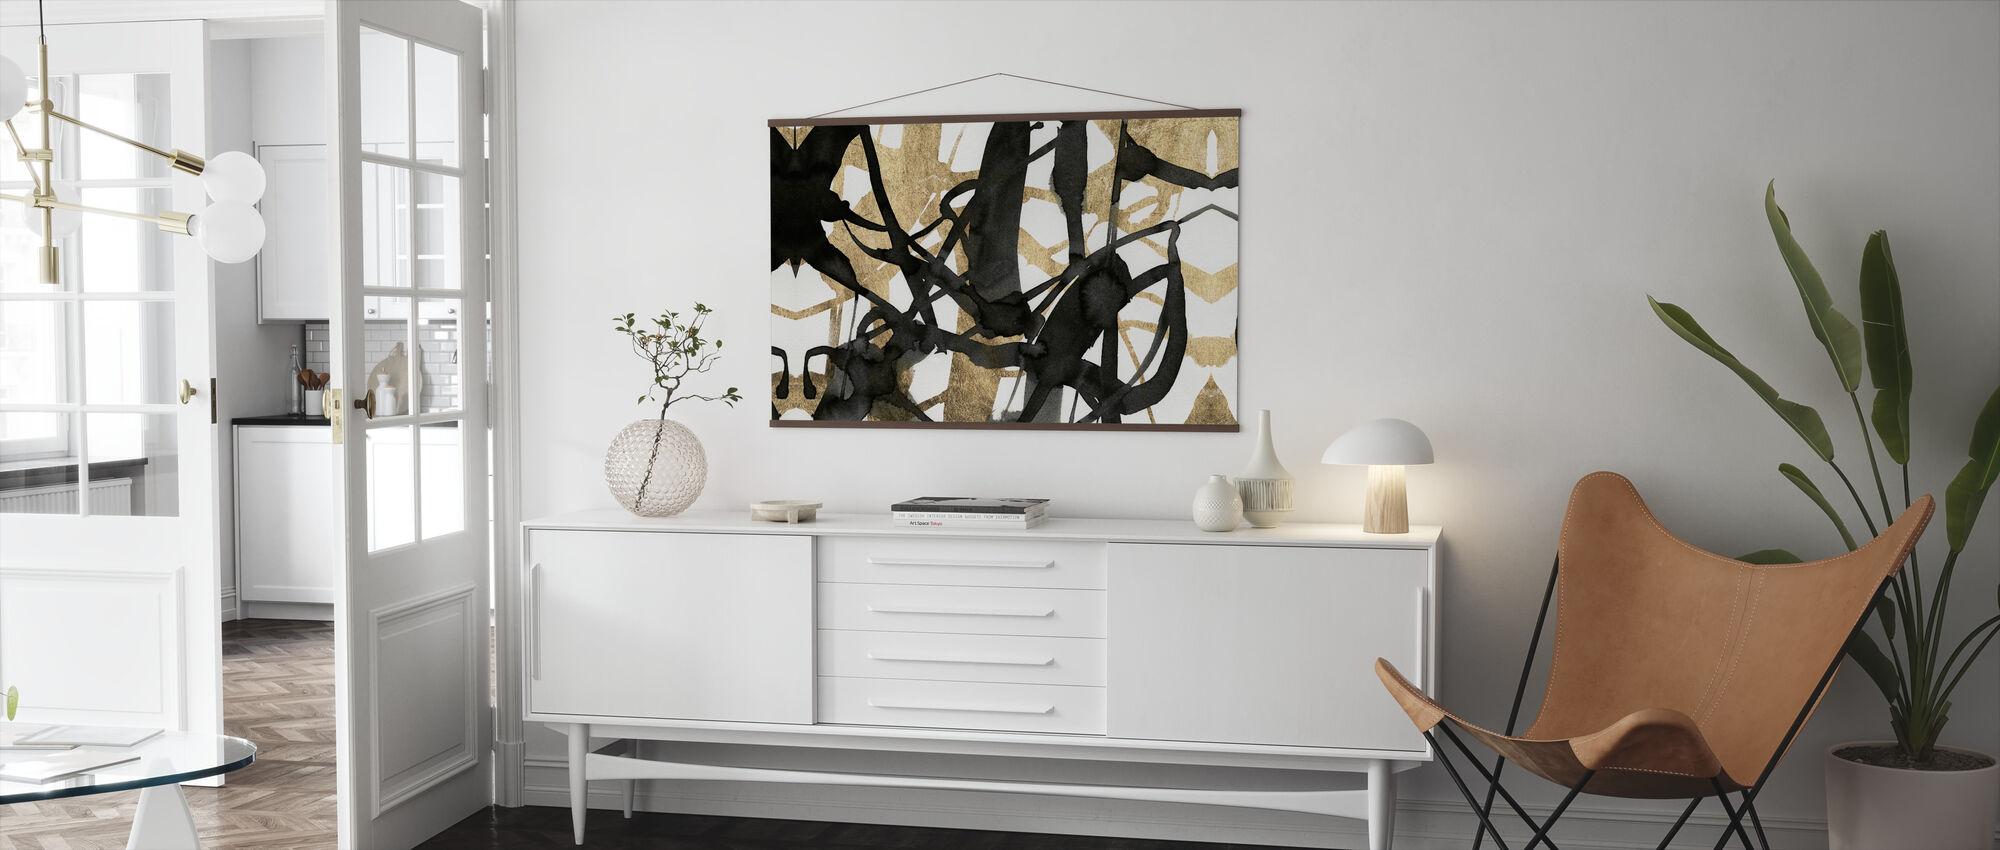 Dekorert Luxe - Plakat - Stue